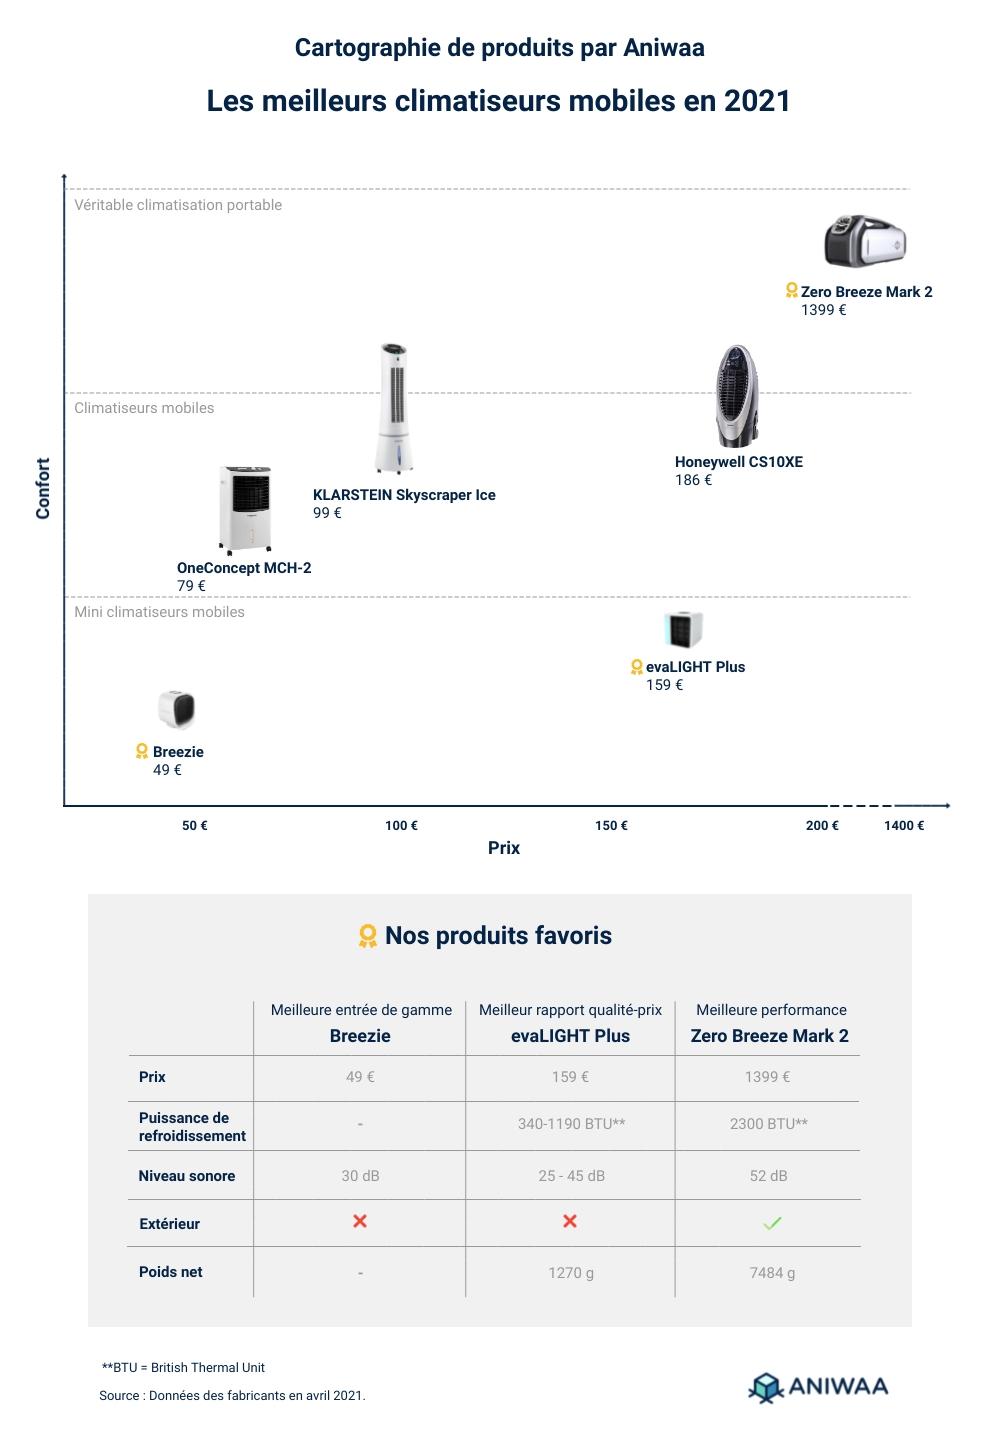 Les meilleurs mini climatiseurs mobiles 2021